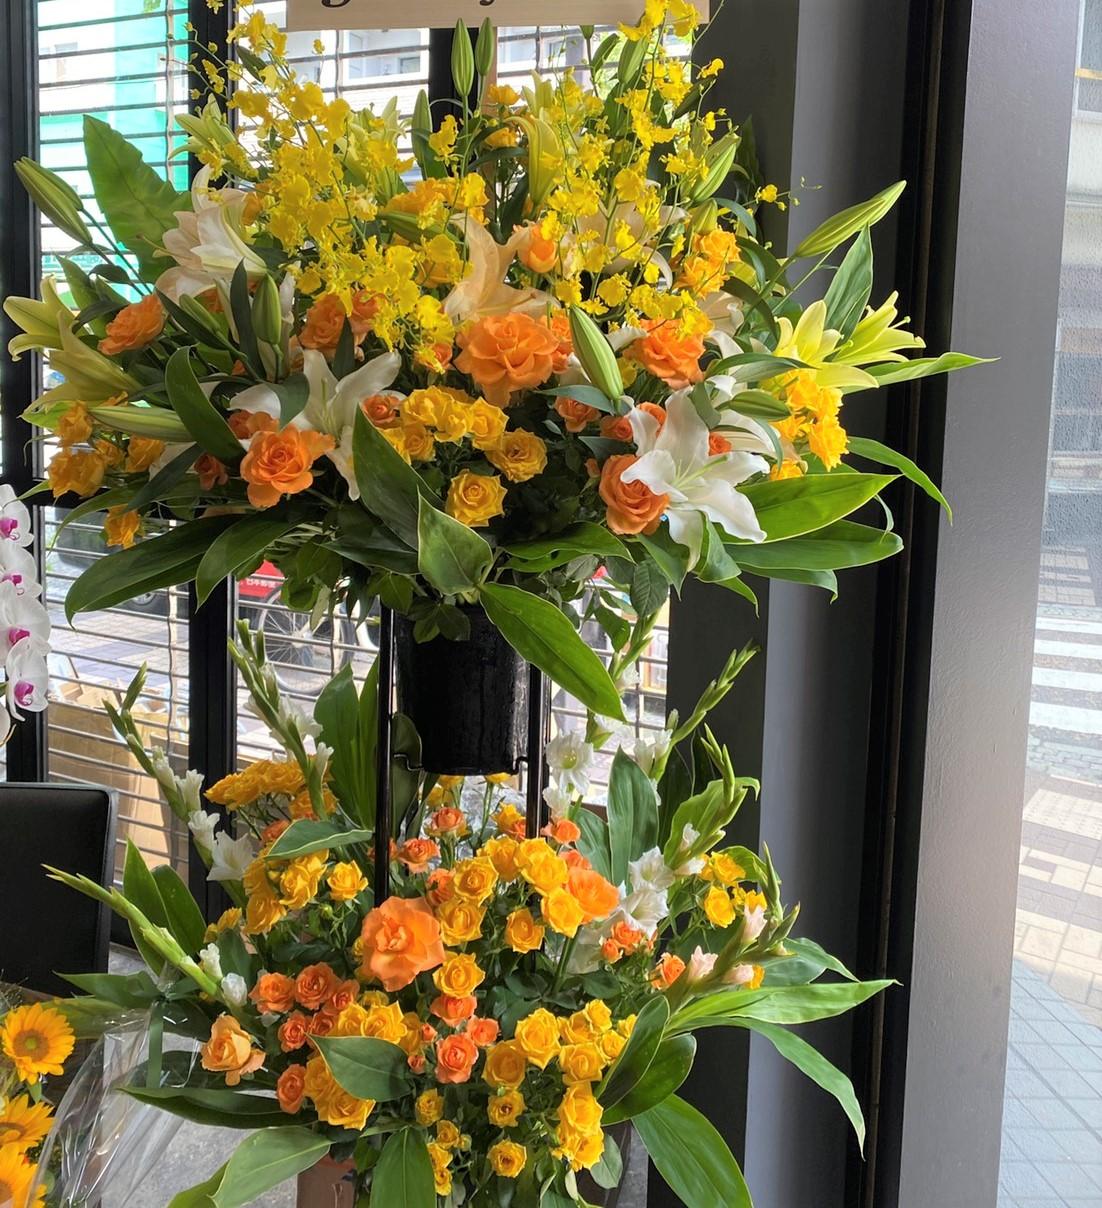 横浜市中区吉田町へスタンド花を配達しました。【横浜花屋の花束・スタンド花・胡蝶蘭・バルーン・アレンジメント配達事例945】